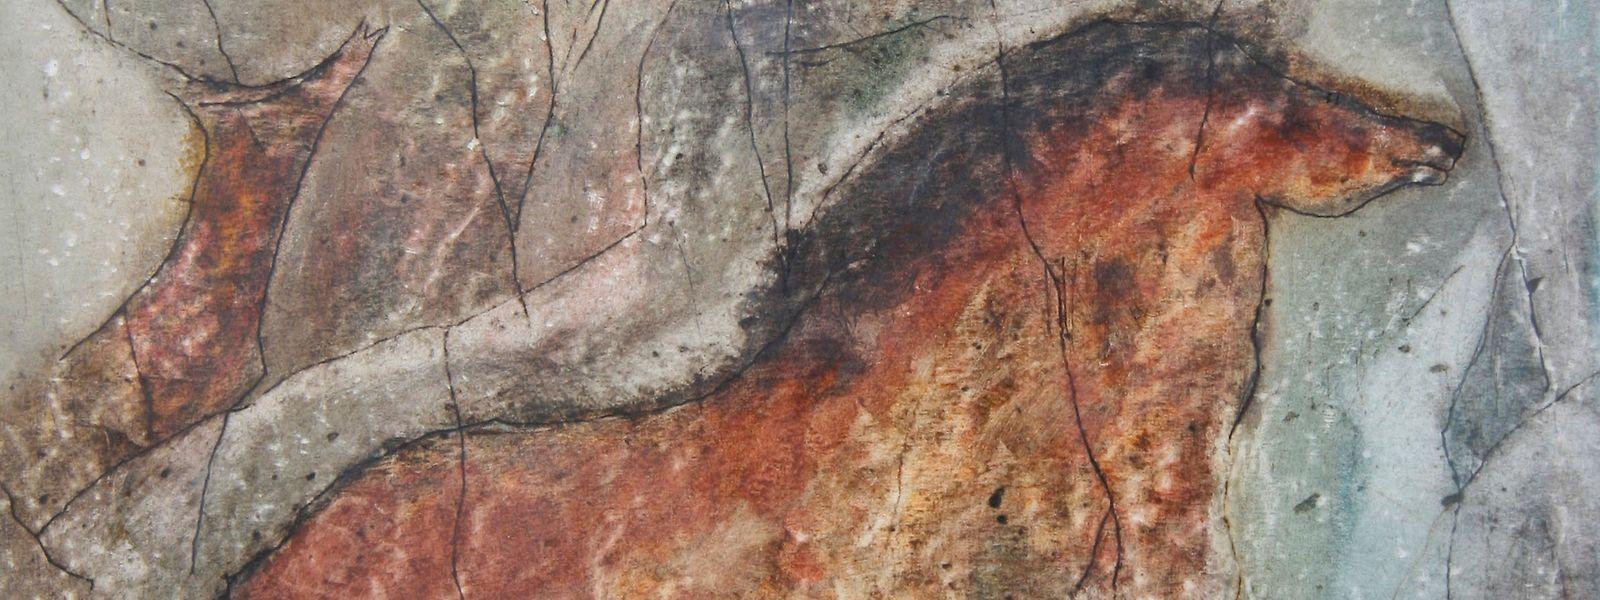 25000 Jahre alte Höhlenmalerei. Das Pferd in der Chauvet-Grotte.